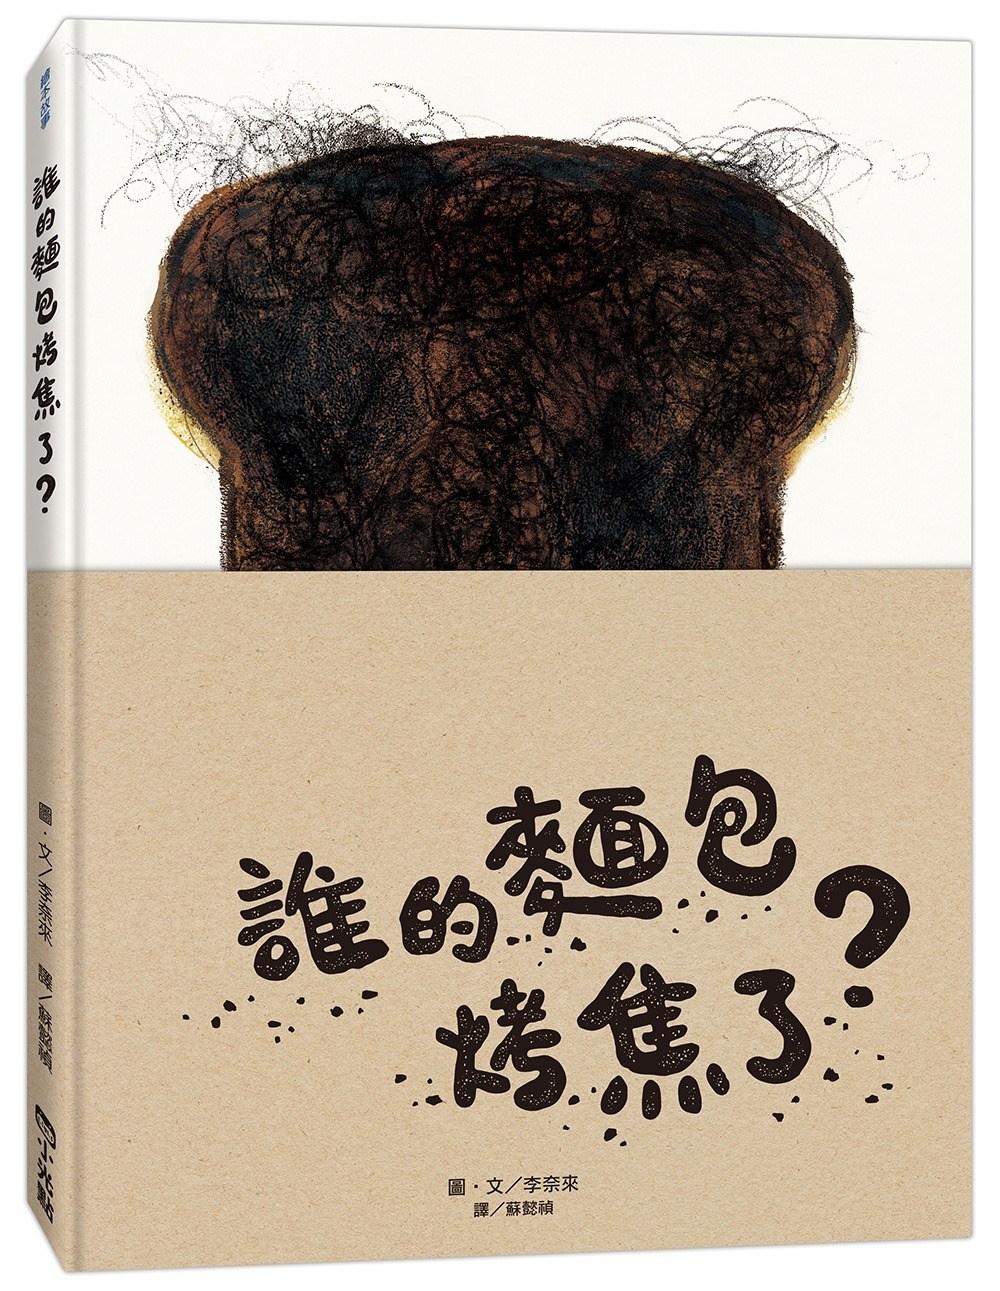 《誰的麵包烤焦了?》 商品條碼,ISBN:9789869520782